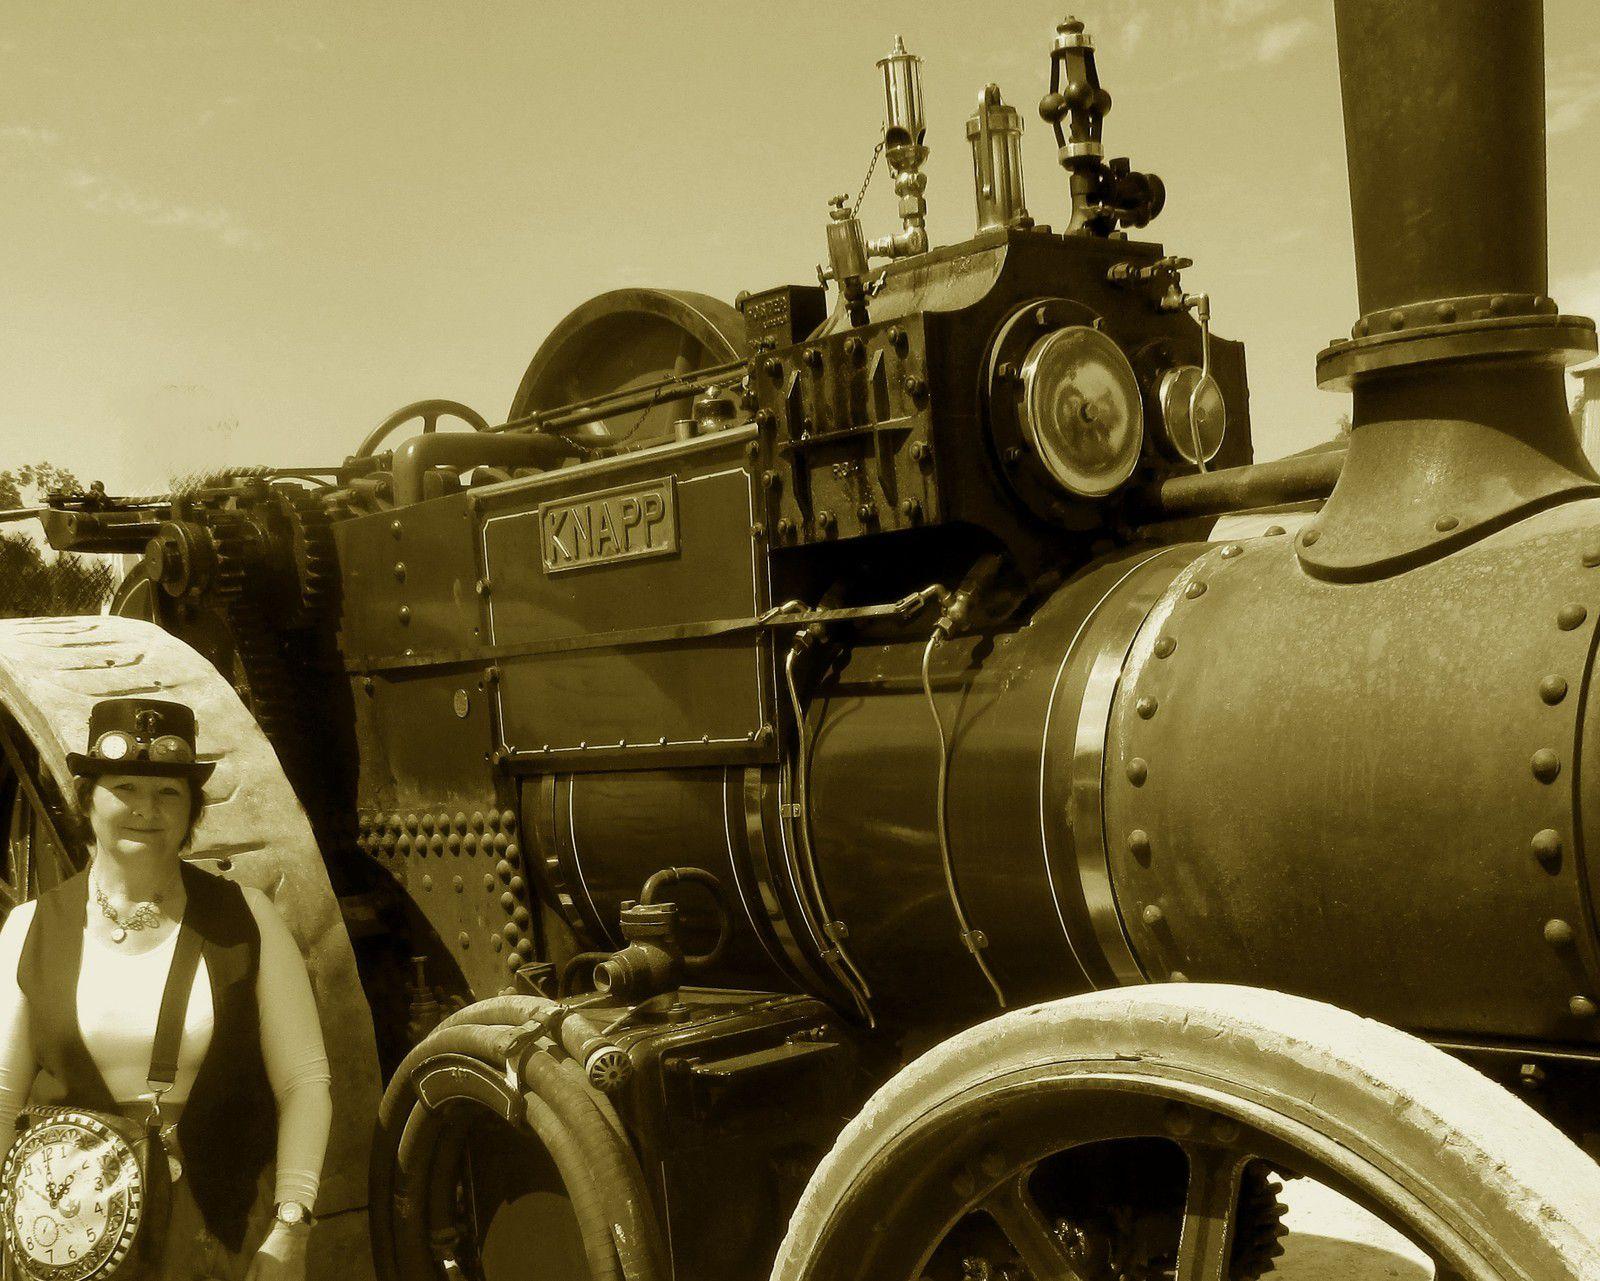 Souvigné - la fête de la vapeur et des vieilles mécaniques 2020 est reportée en 2021